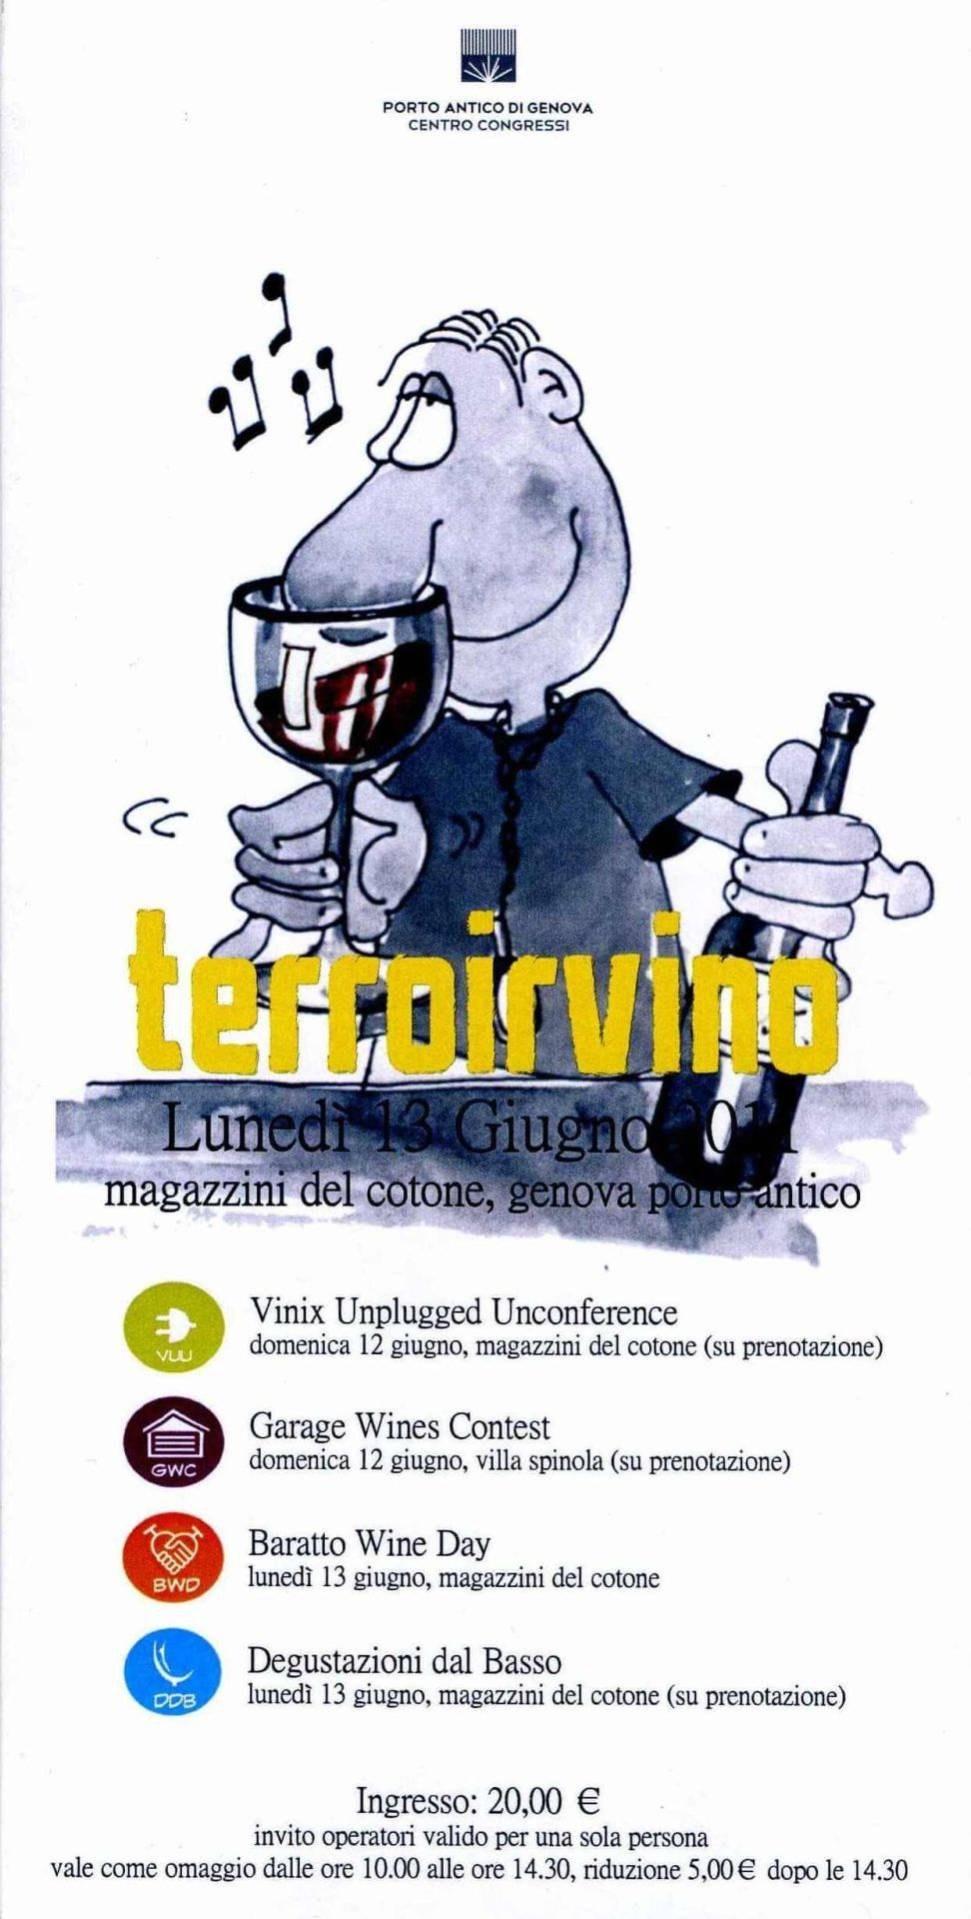 Capurro Ricevimenti A Giugno, torna ai Magazzini del Cotone di Genova TerroirVino; in Villa Spinola concorso internazionale e cena di gala image 1